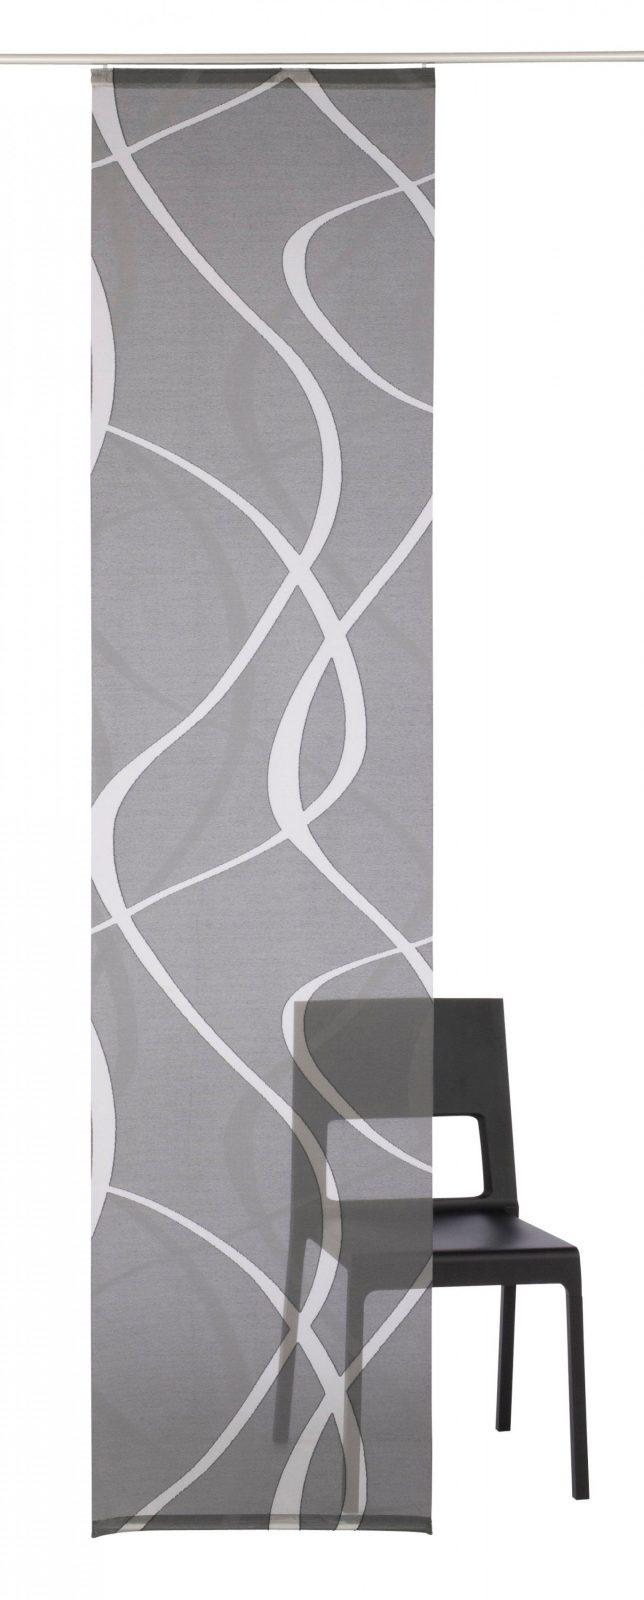 Schiebegardine Rumbek Deko Trends Klettband 1 Stück Bestellen von Schiebegardinen Mit Klettband Waschen Bild